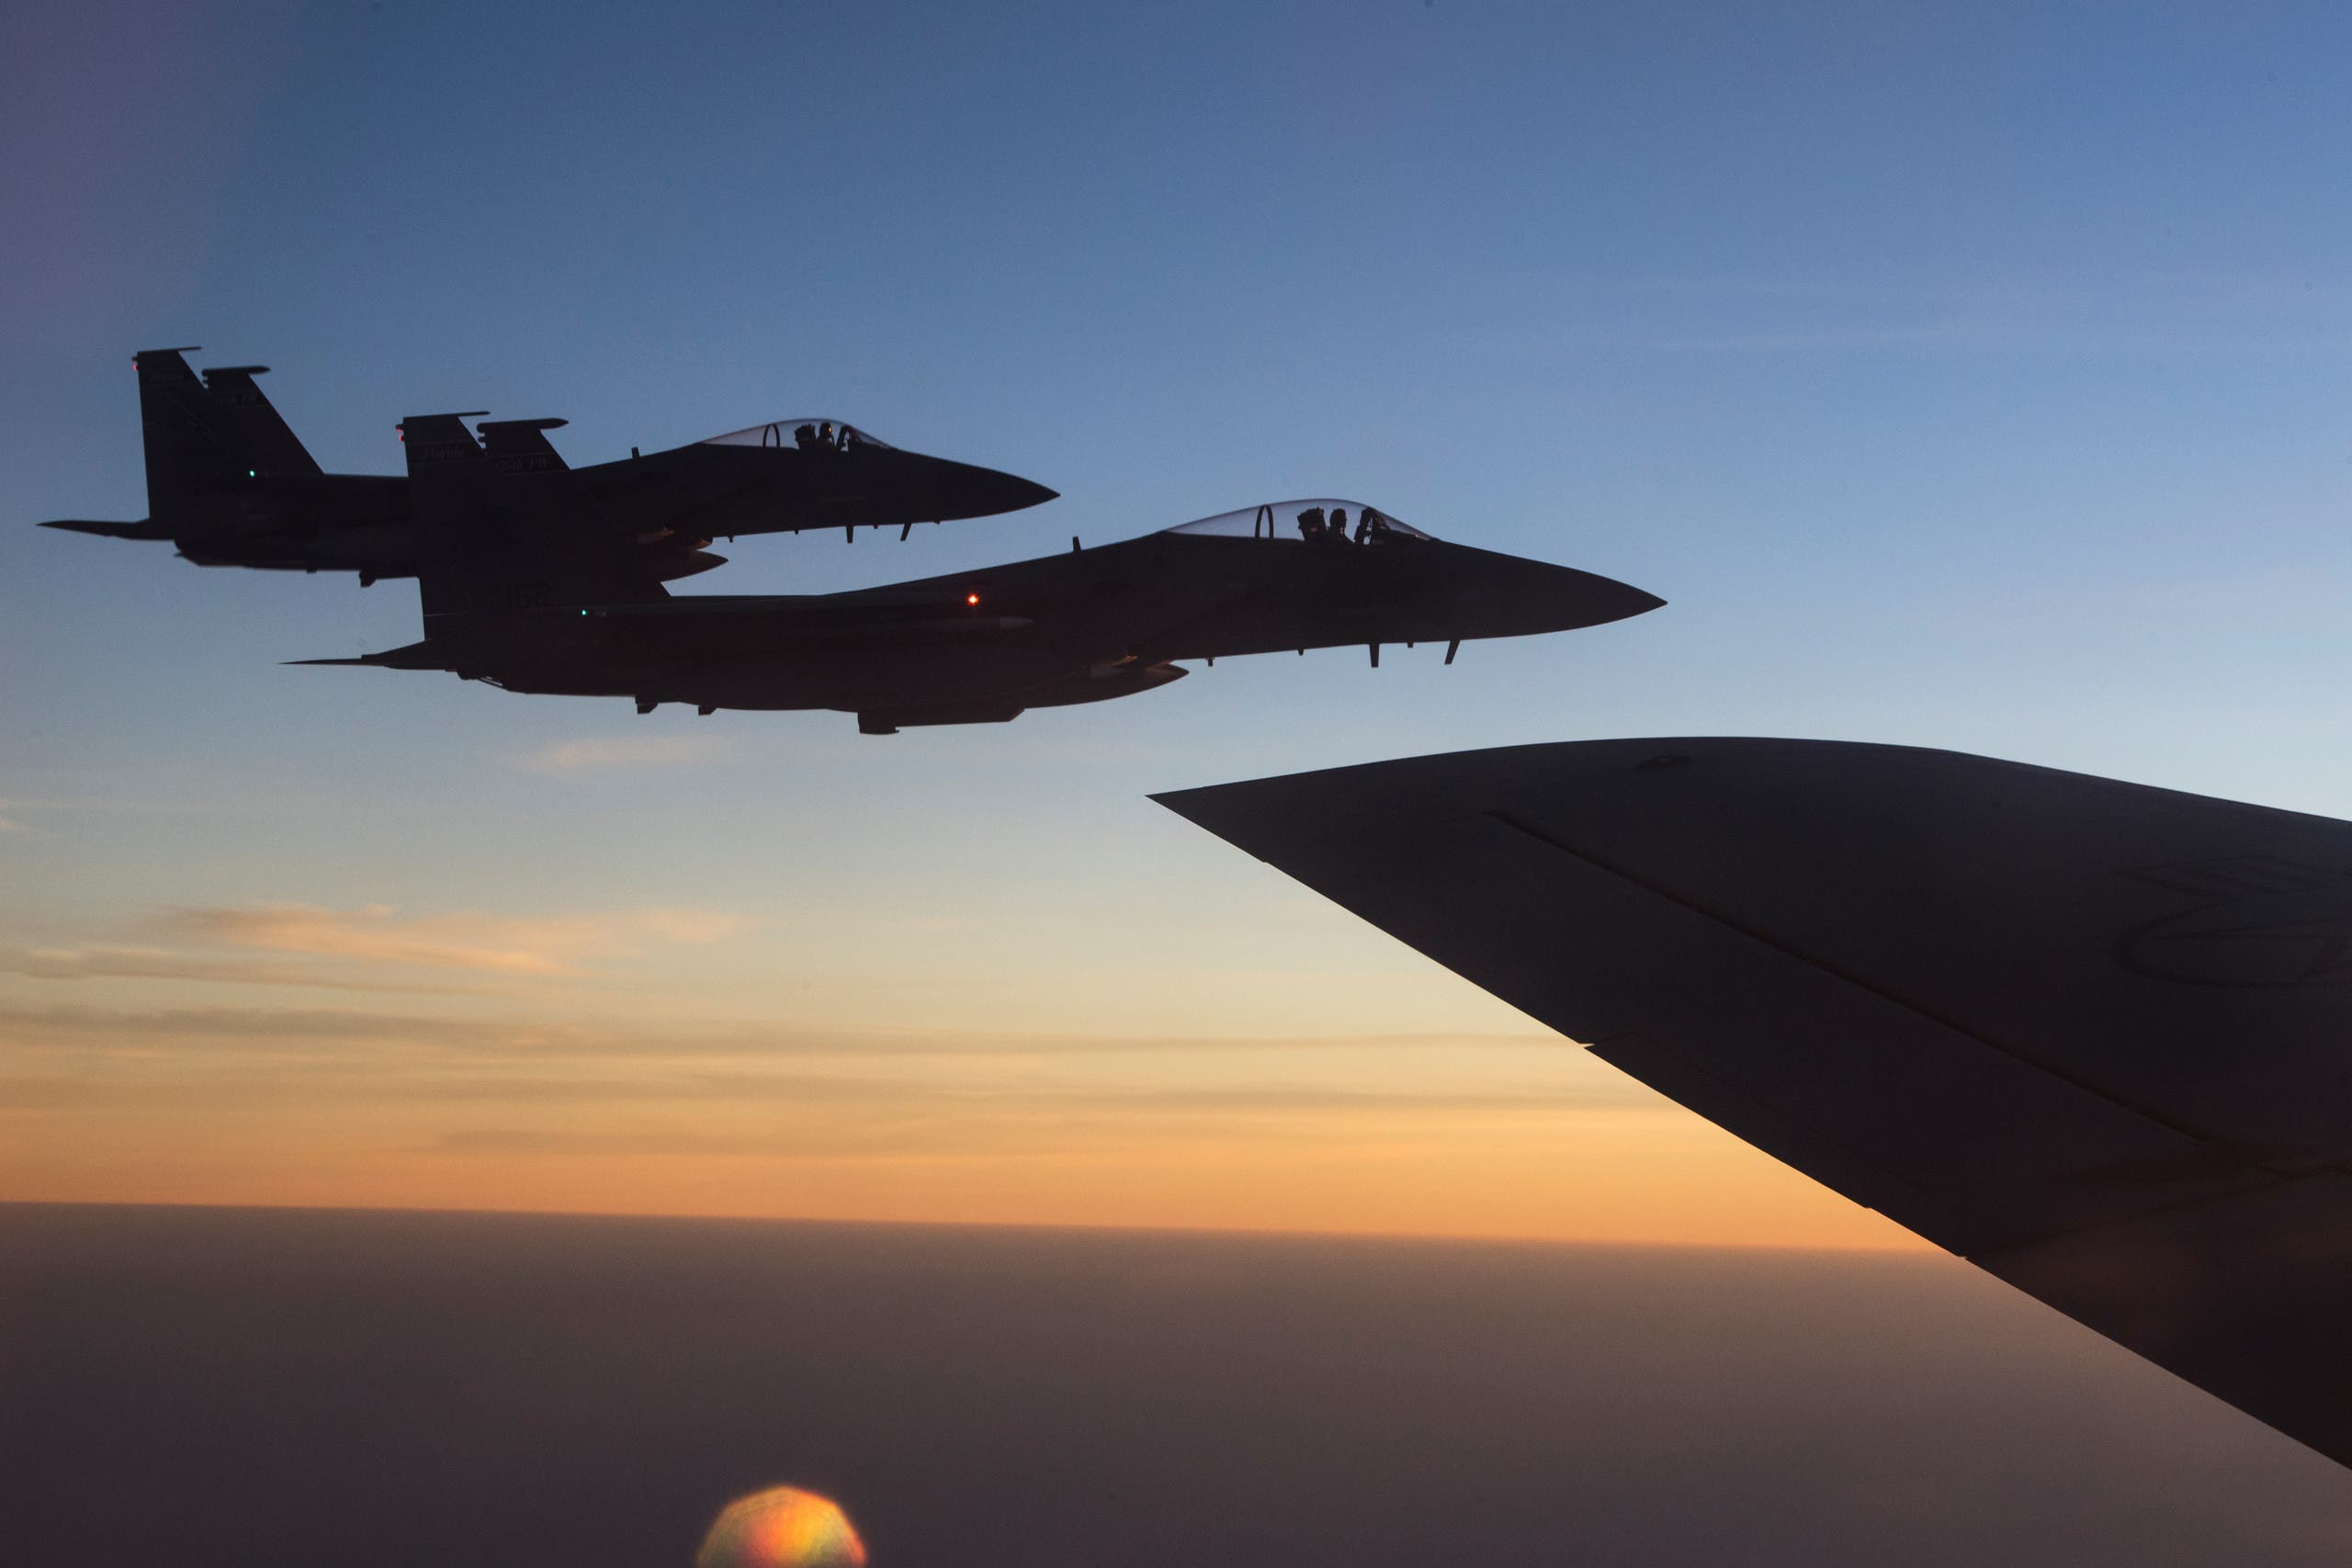 مقاتلات أميركية تنطلق من قاعدة العديد الجوية في قطر